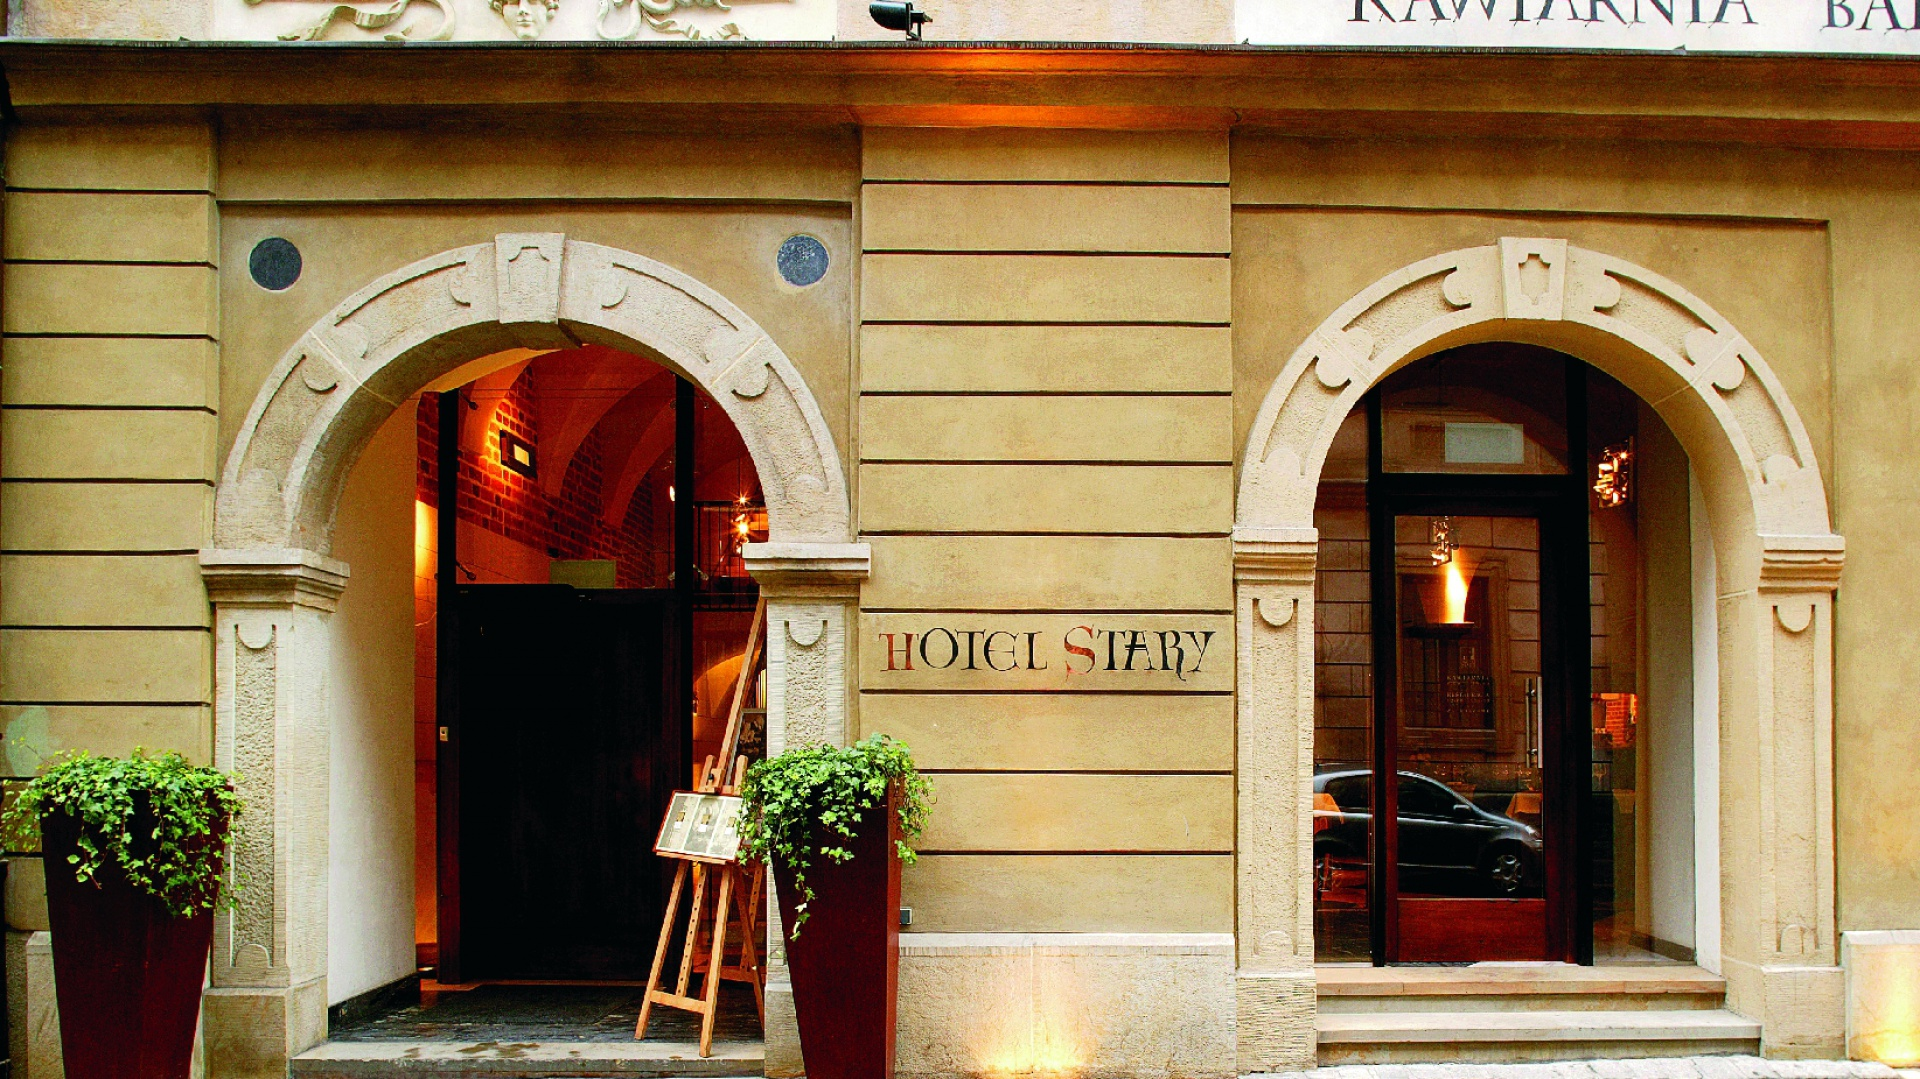 Kamienica przy ulicy Szczepańskiej. Tu mieści się Hotel Stary. Fot. Bartosz Jarosz